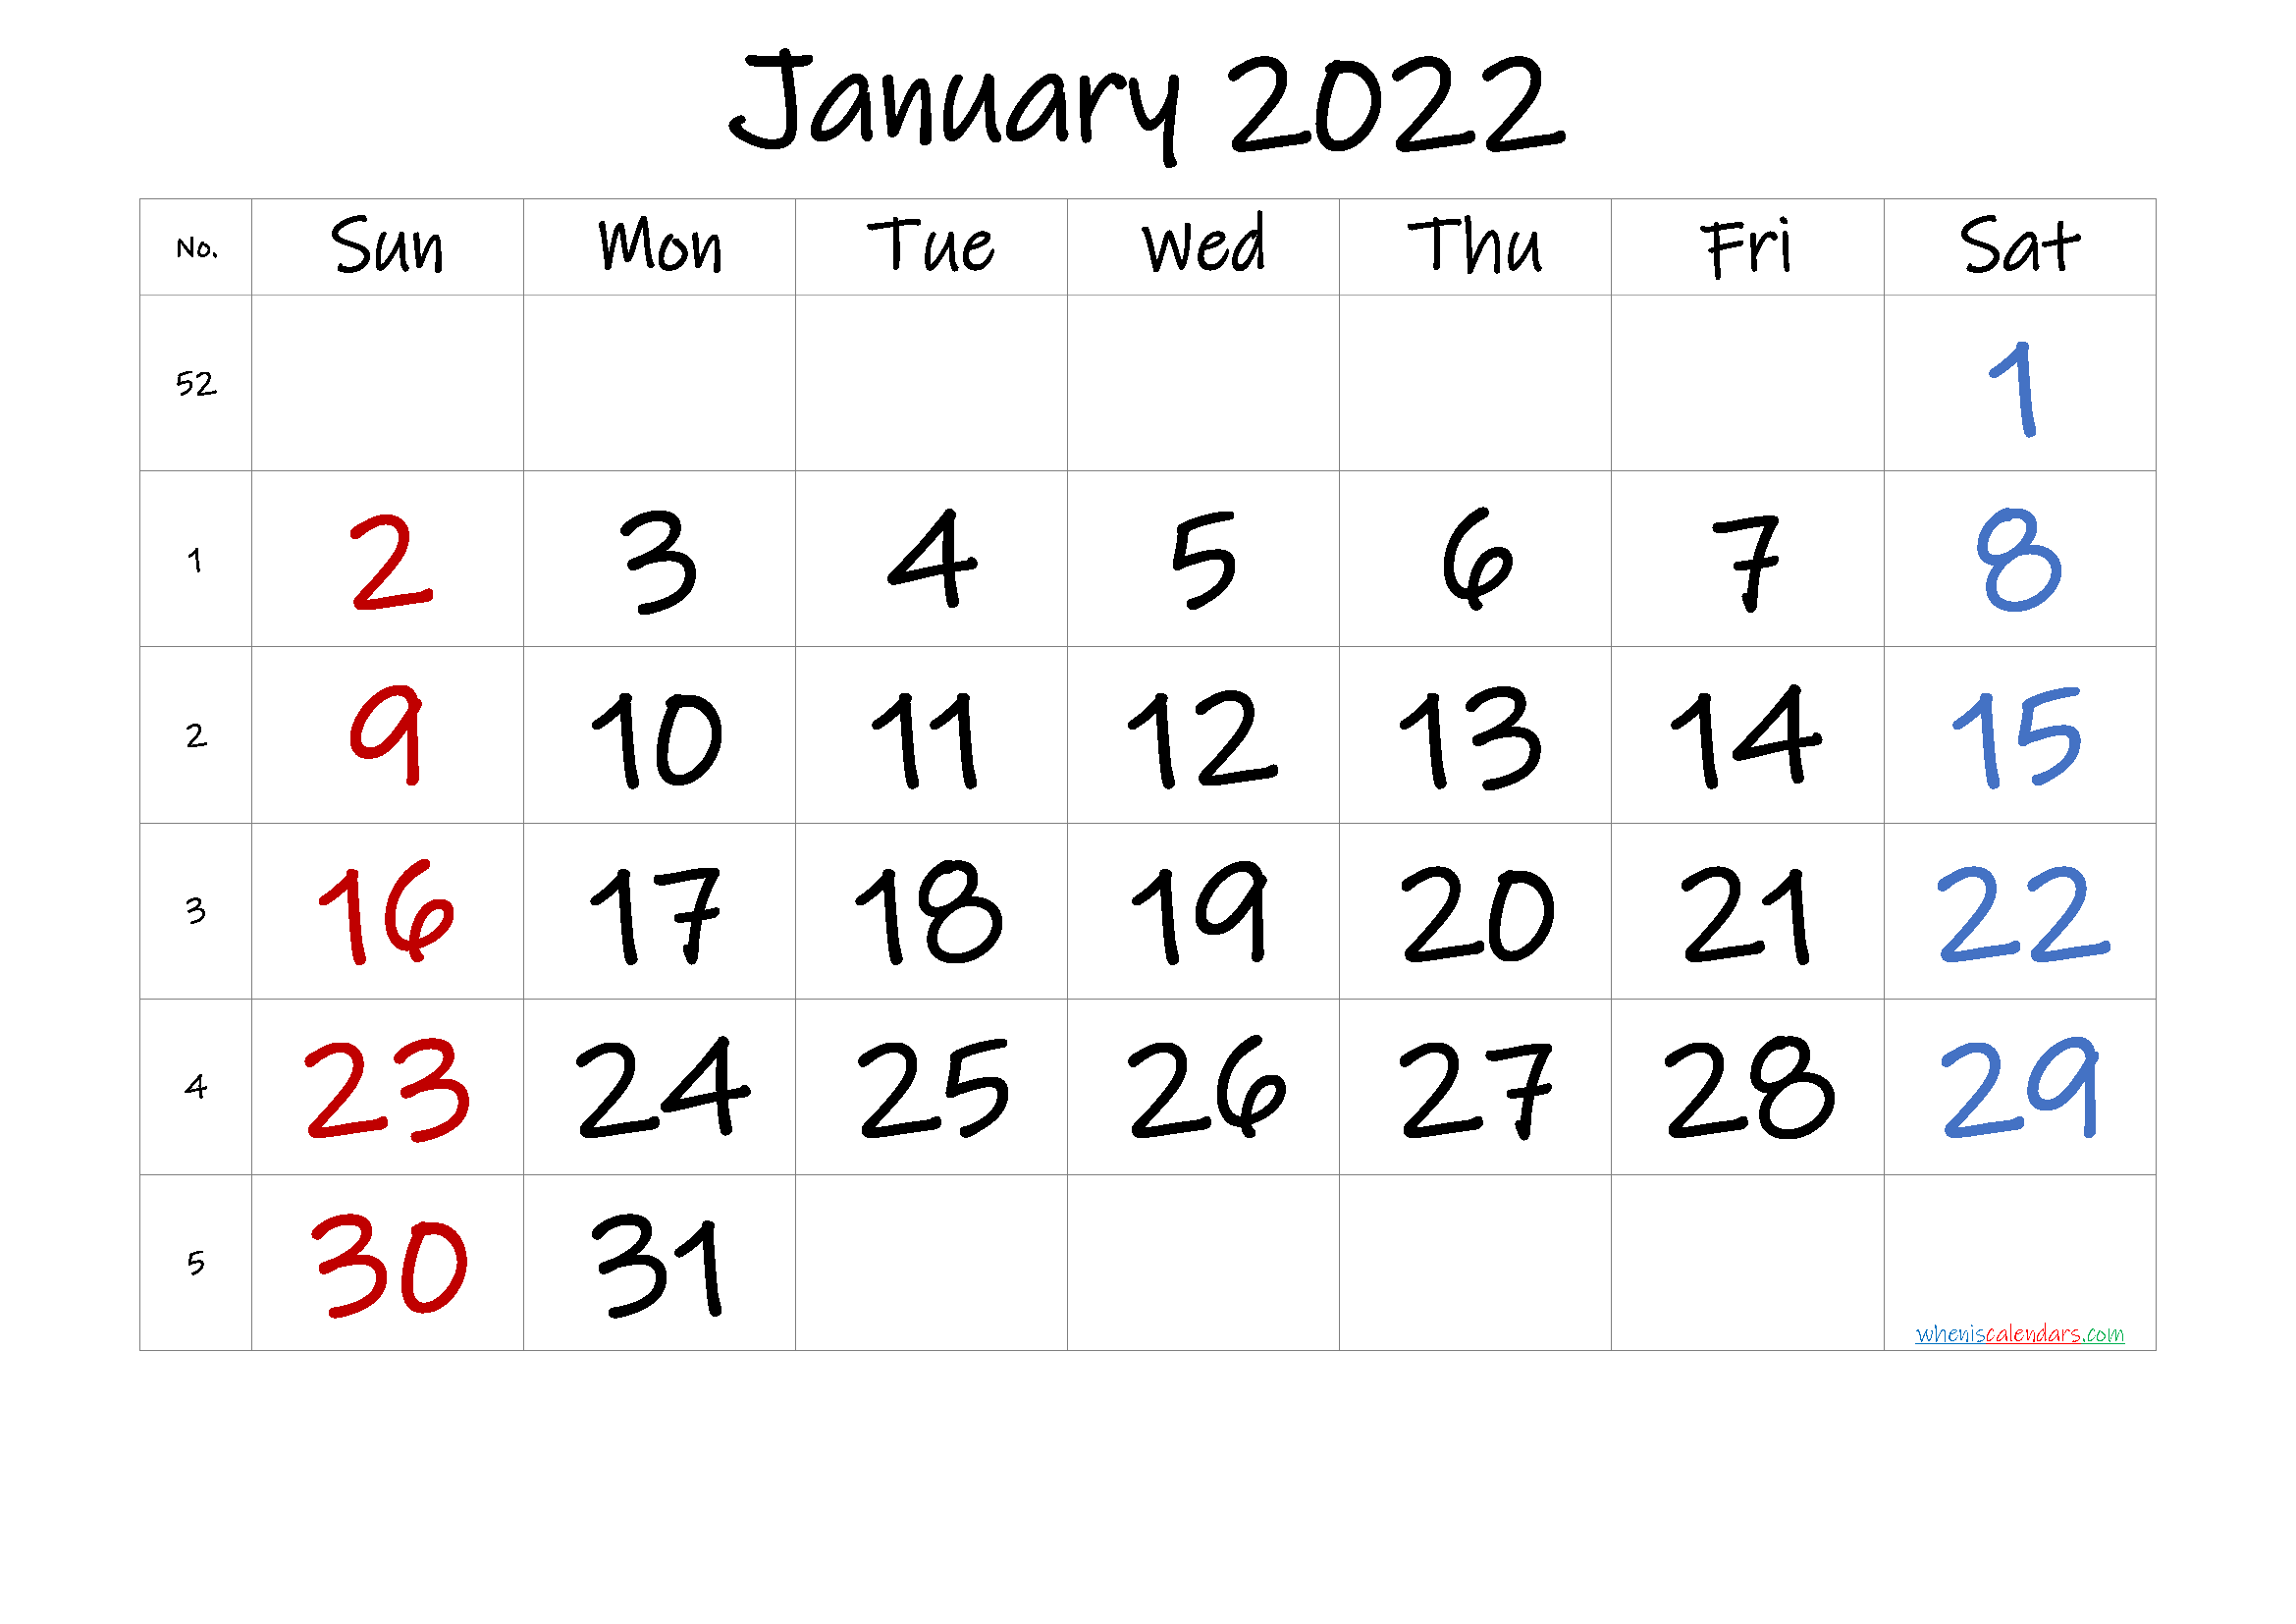 Dec Calendar 2022 Printable.Free January 2022 Calendar Free Premium Free Printable Calendar Templates Calendar Printables Printable Calendar Template